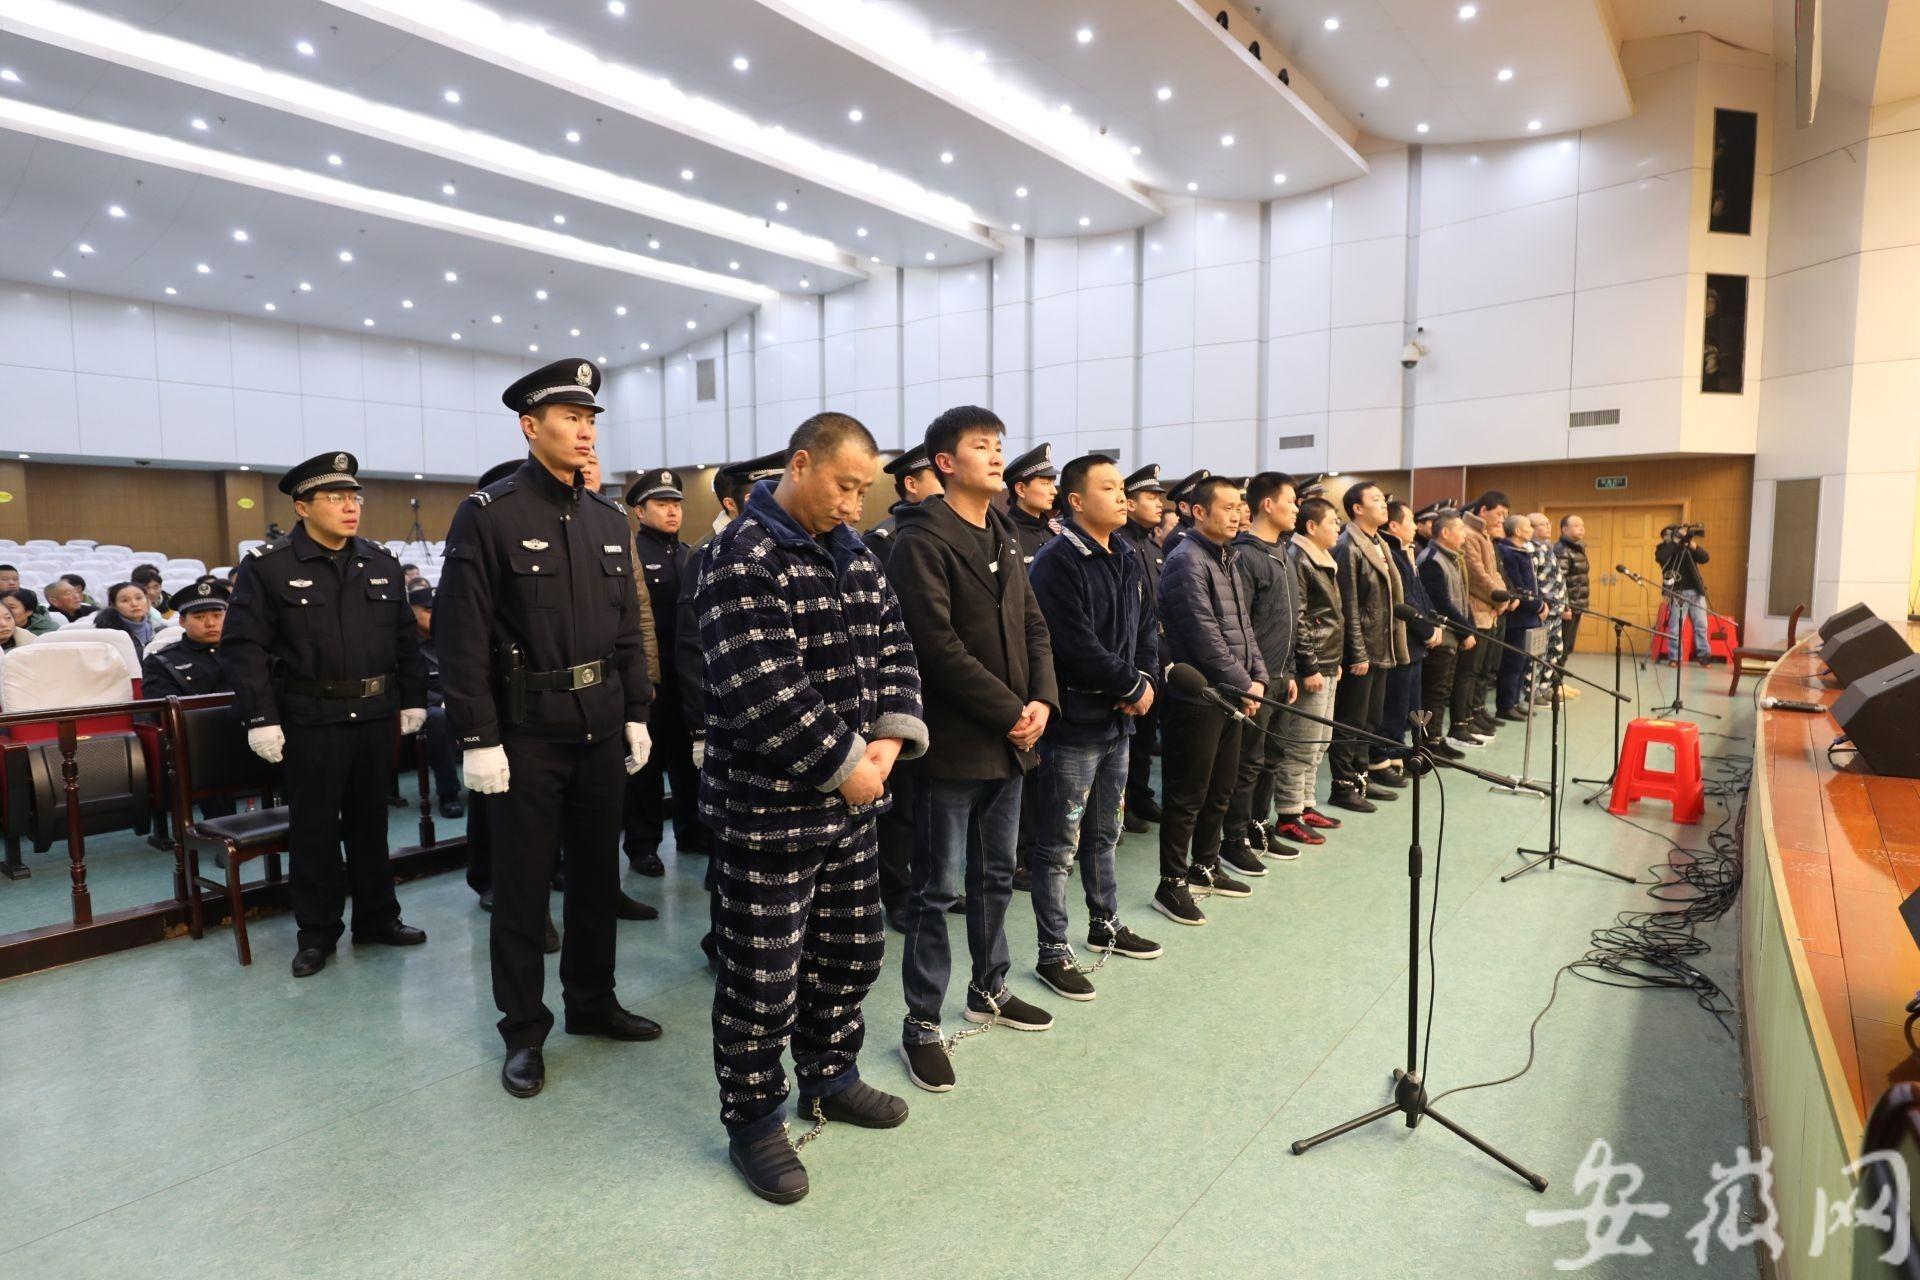 """淮南:盗墓团伙盗武王墩墓后""""黑吃黑"""" 28人受审"""